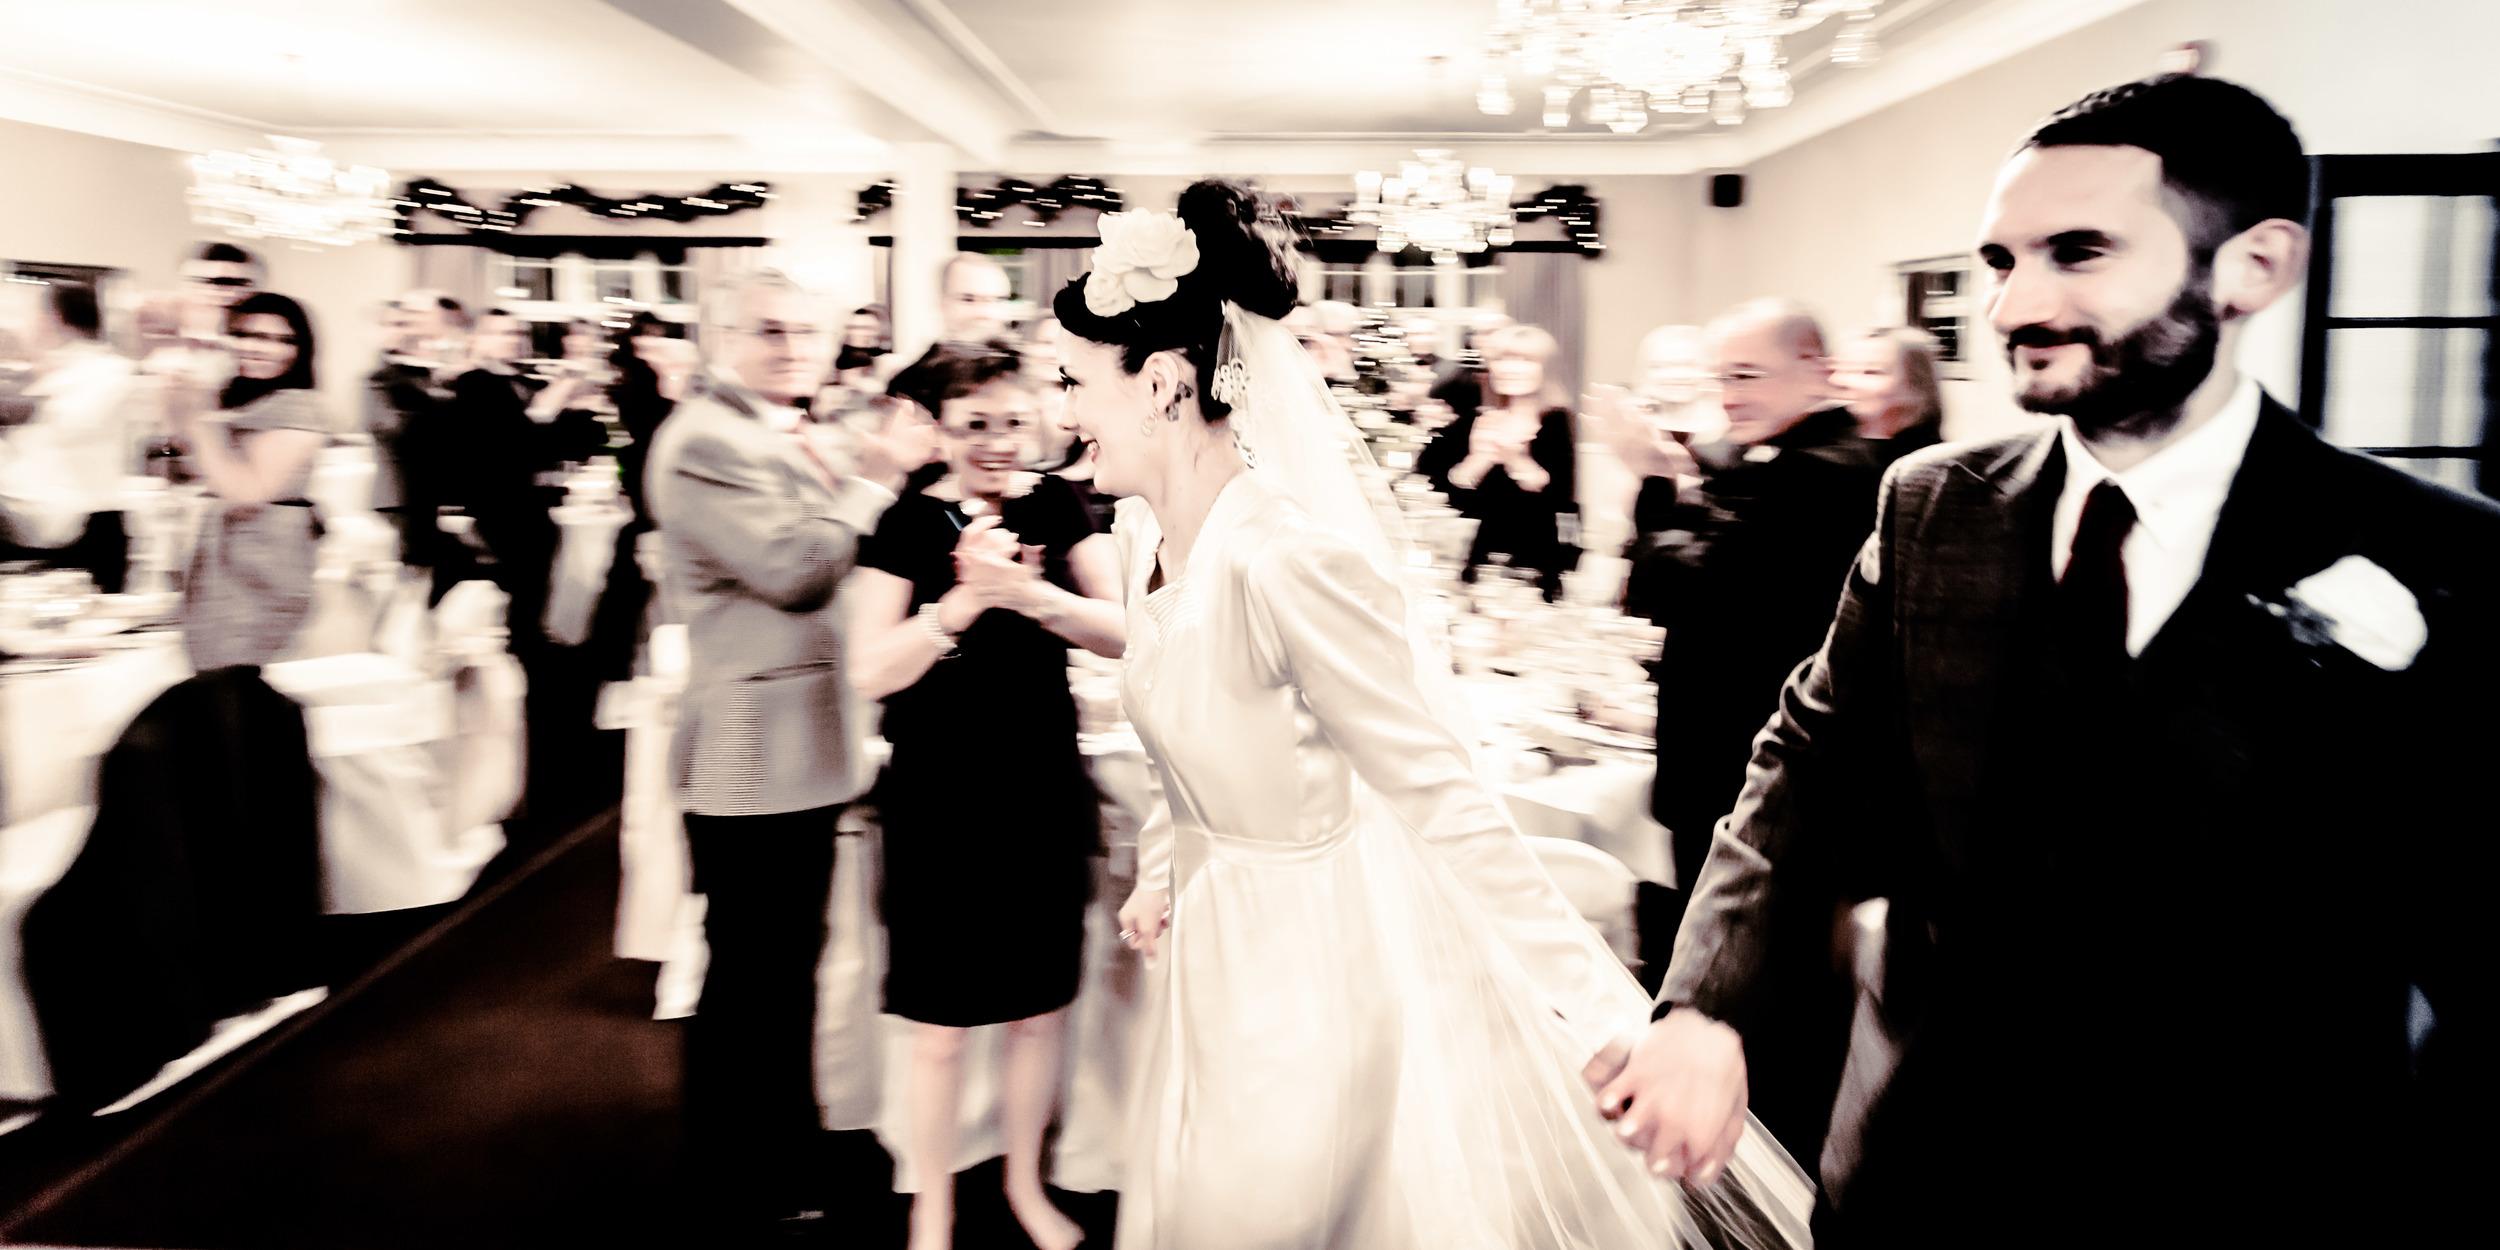 160 - Angela and Karls Wedding by www.markpugh.com -7081.jpg